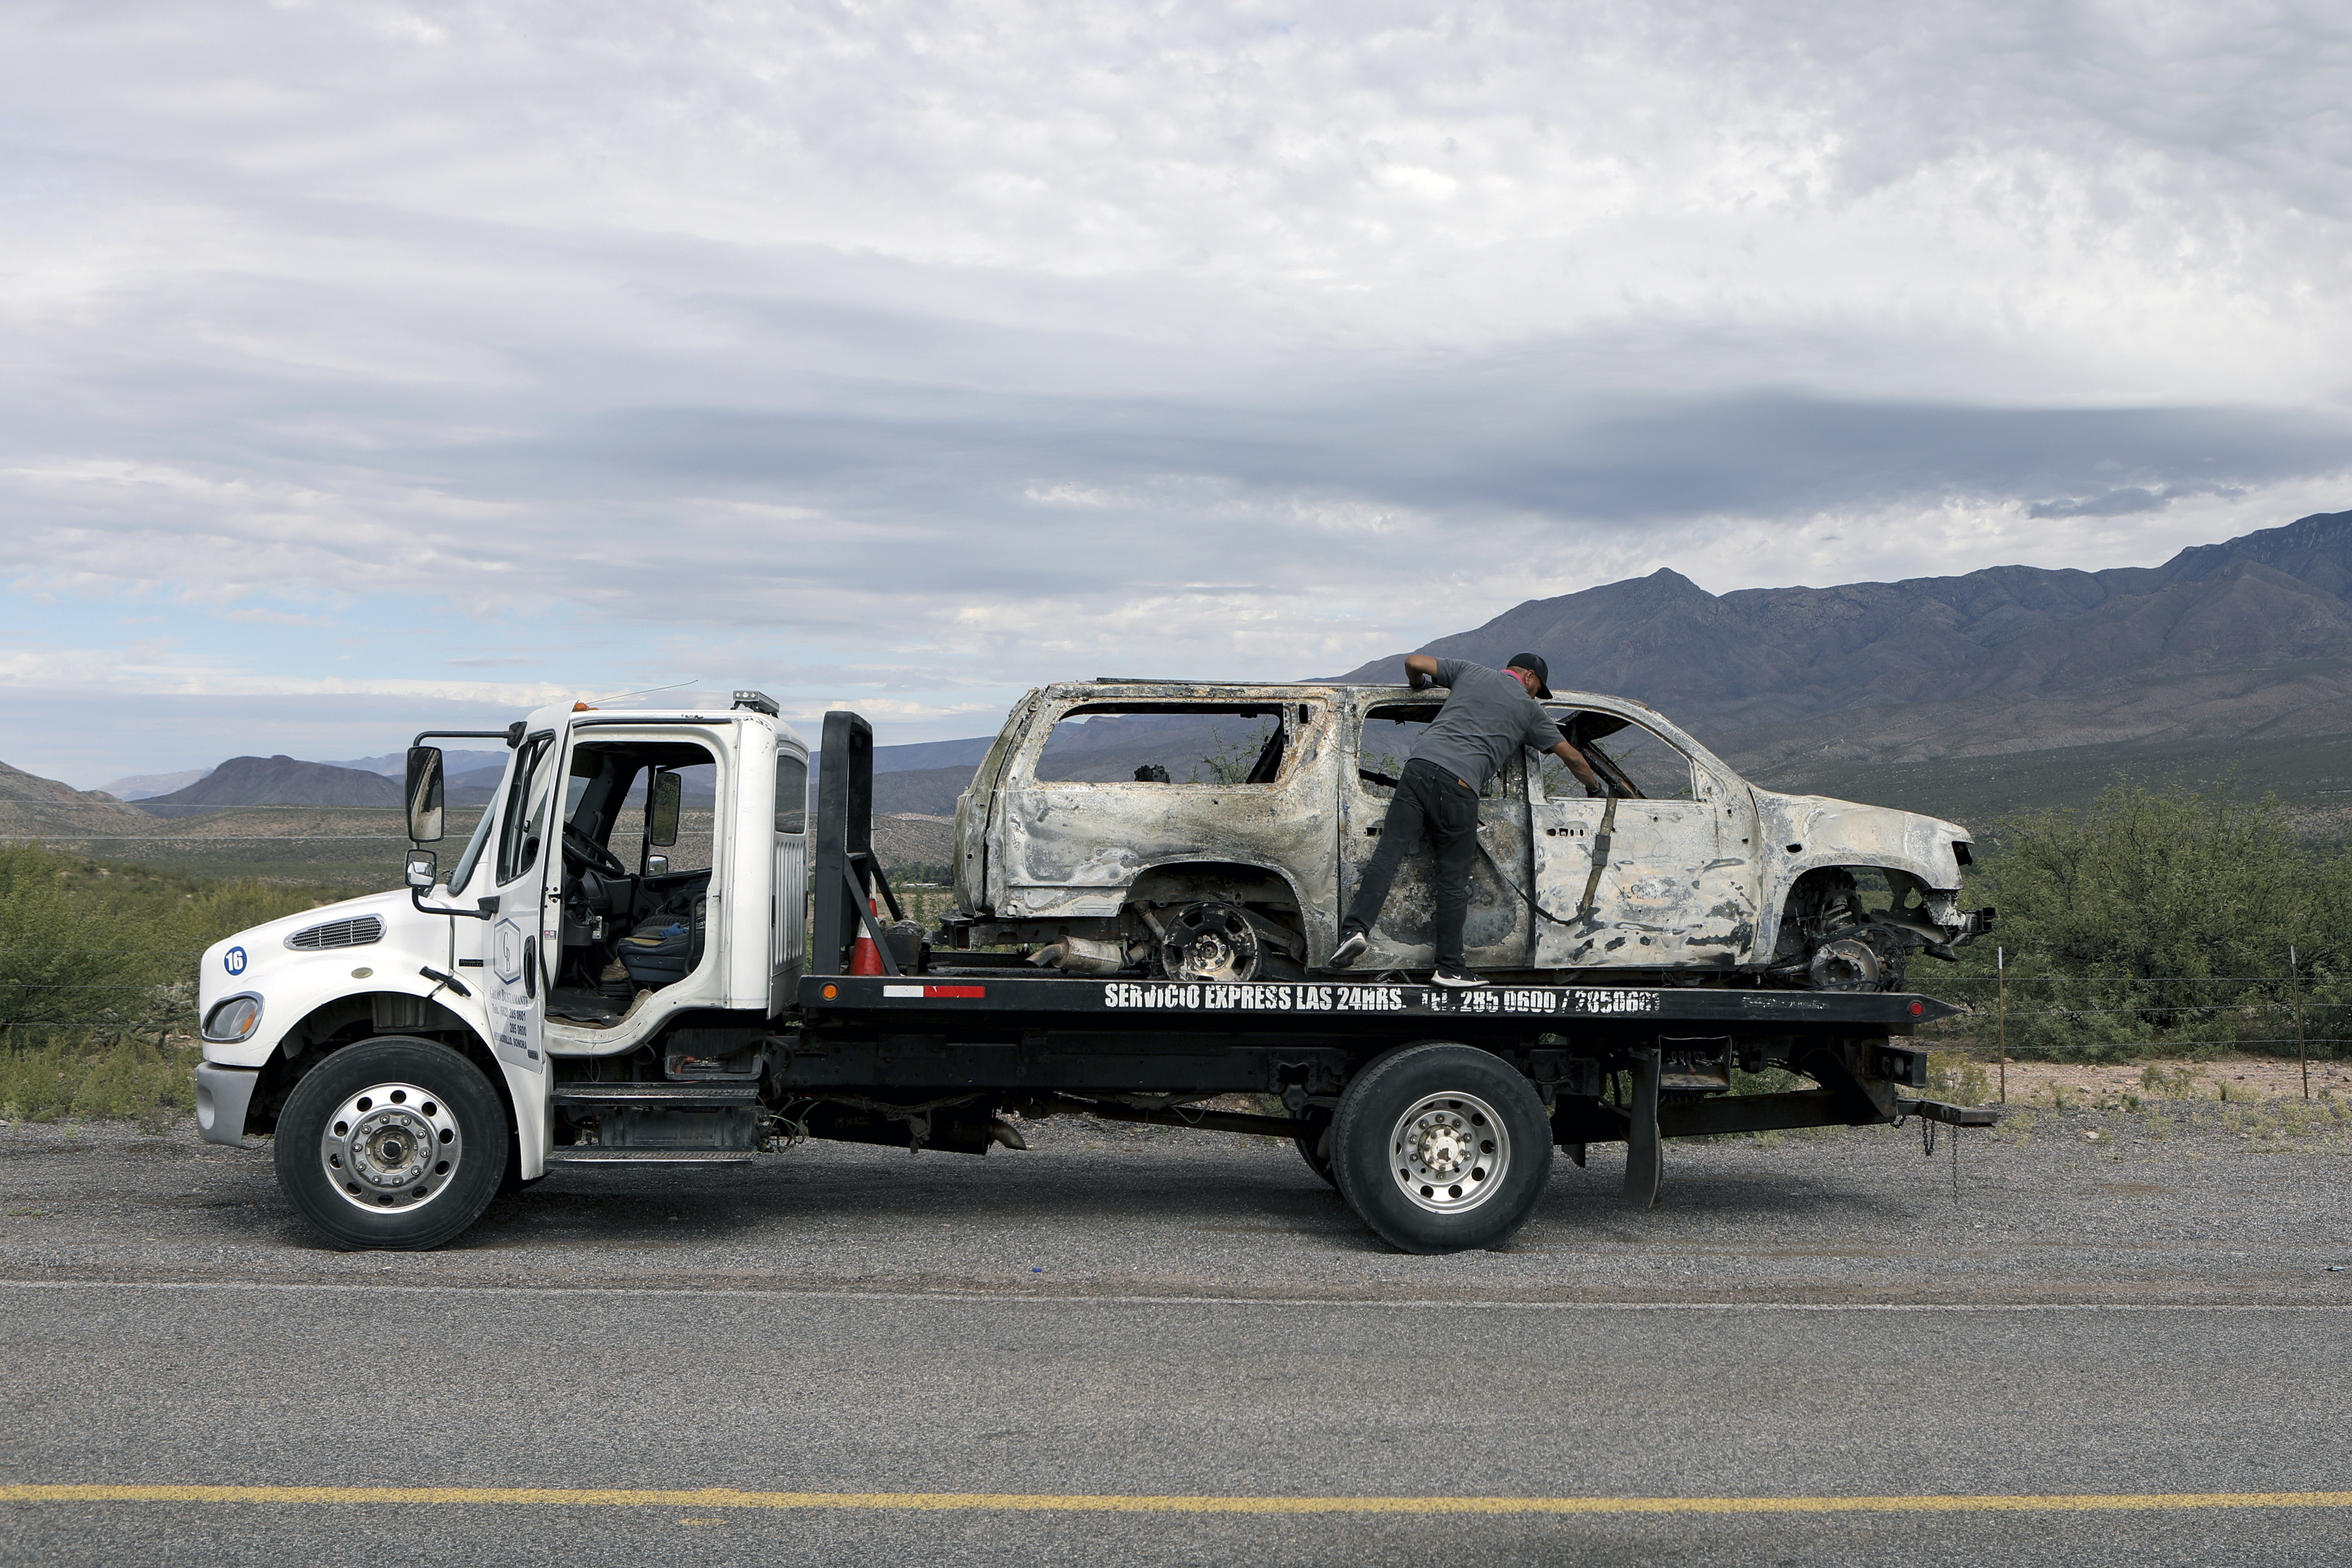 نقل واحدة من السيارات المحترقة